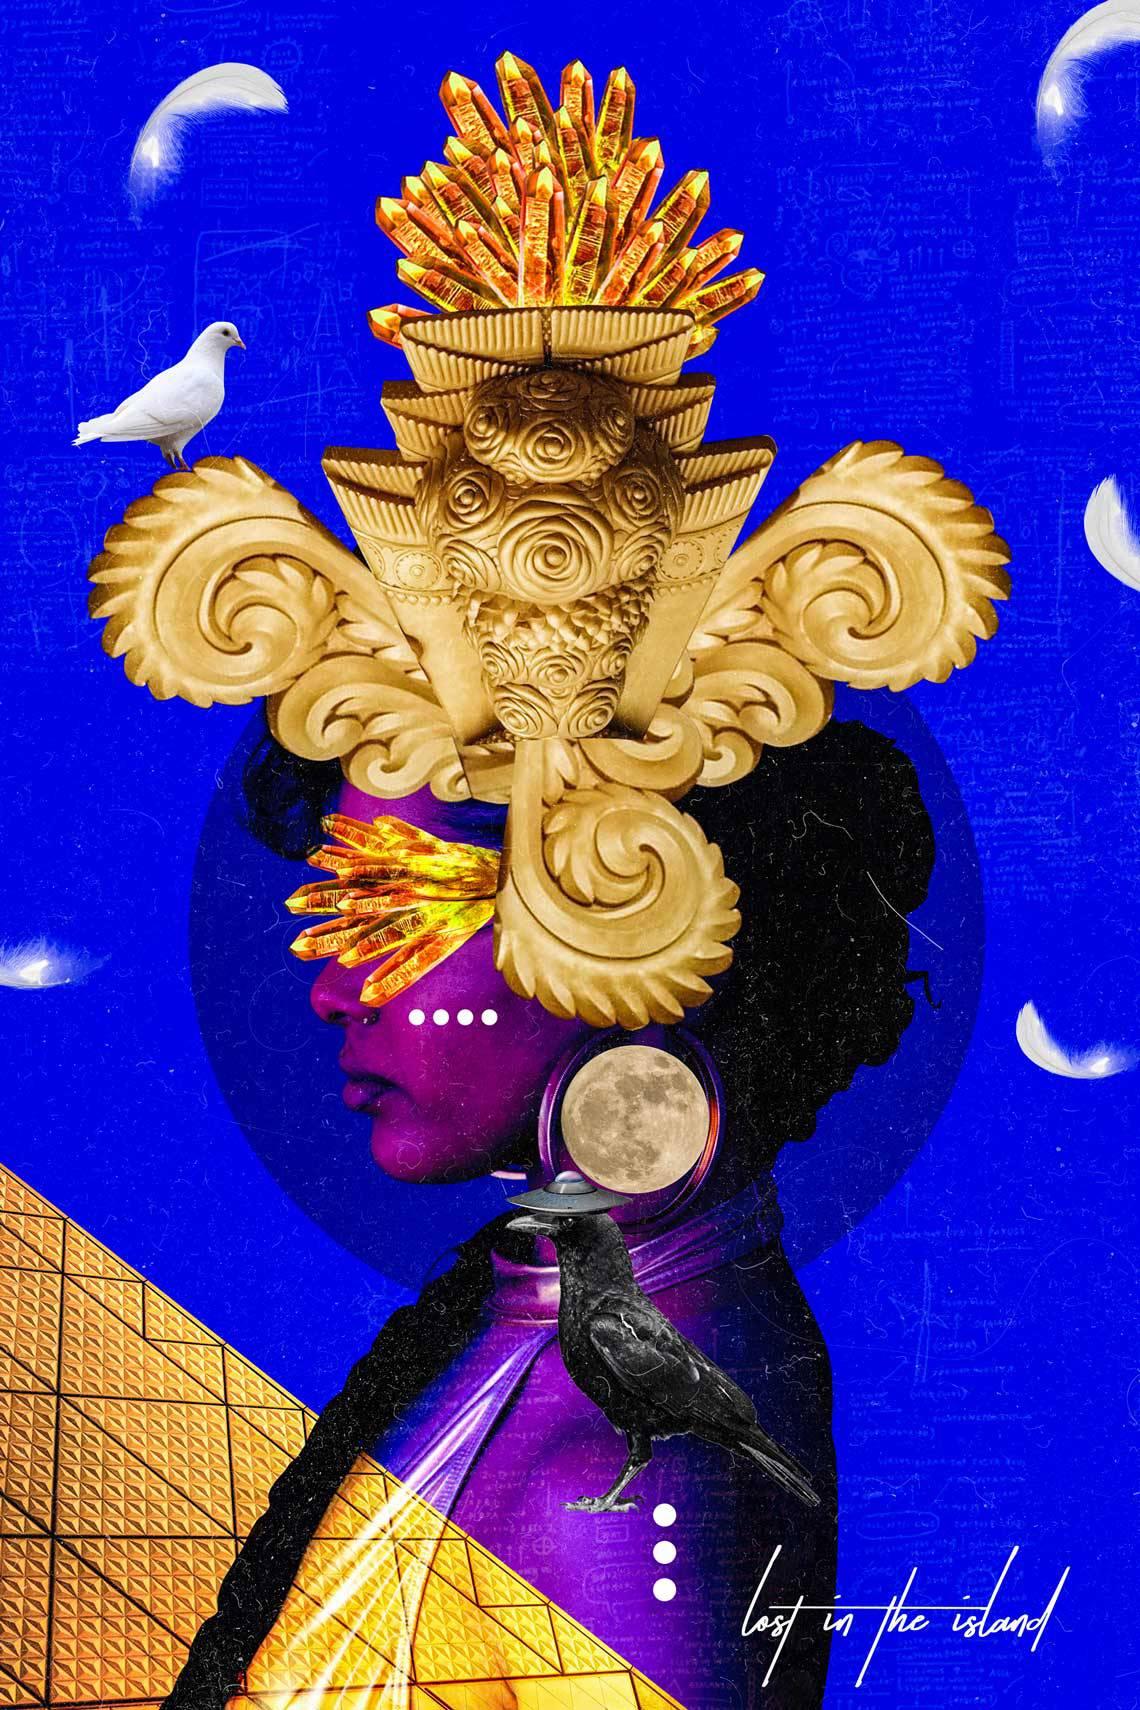 afrofuturism-collages-of-kaylan-m-14.jpg